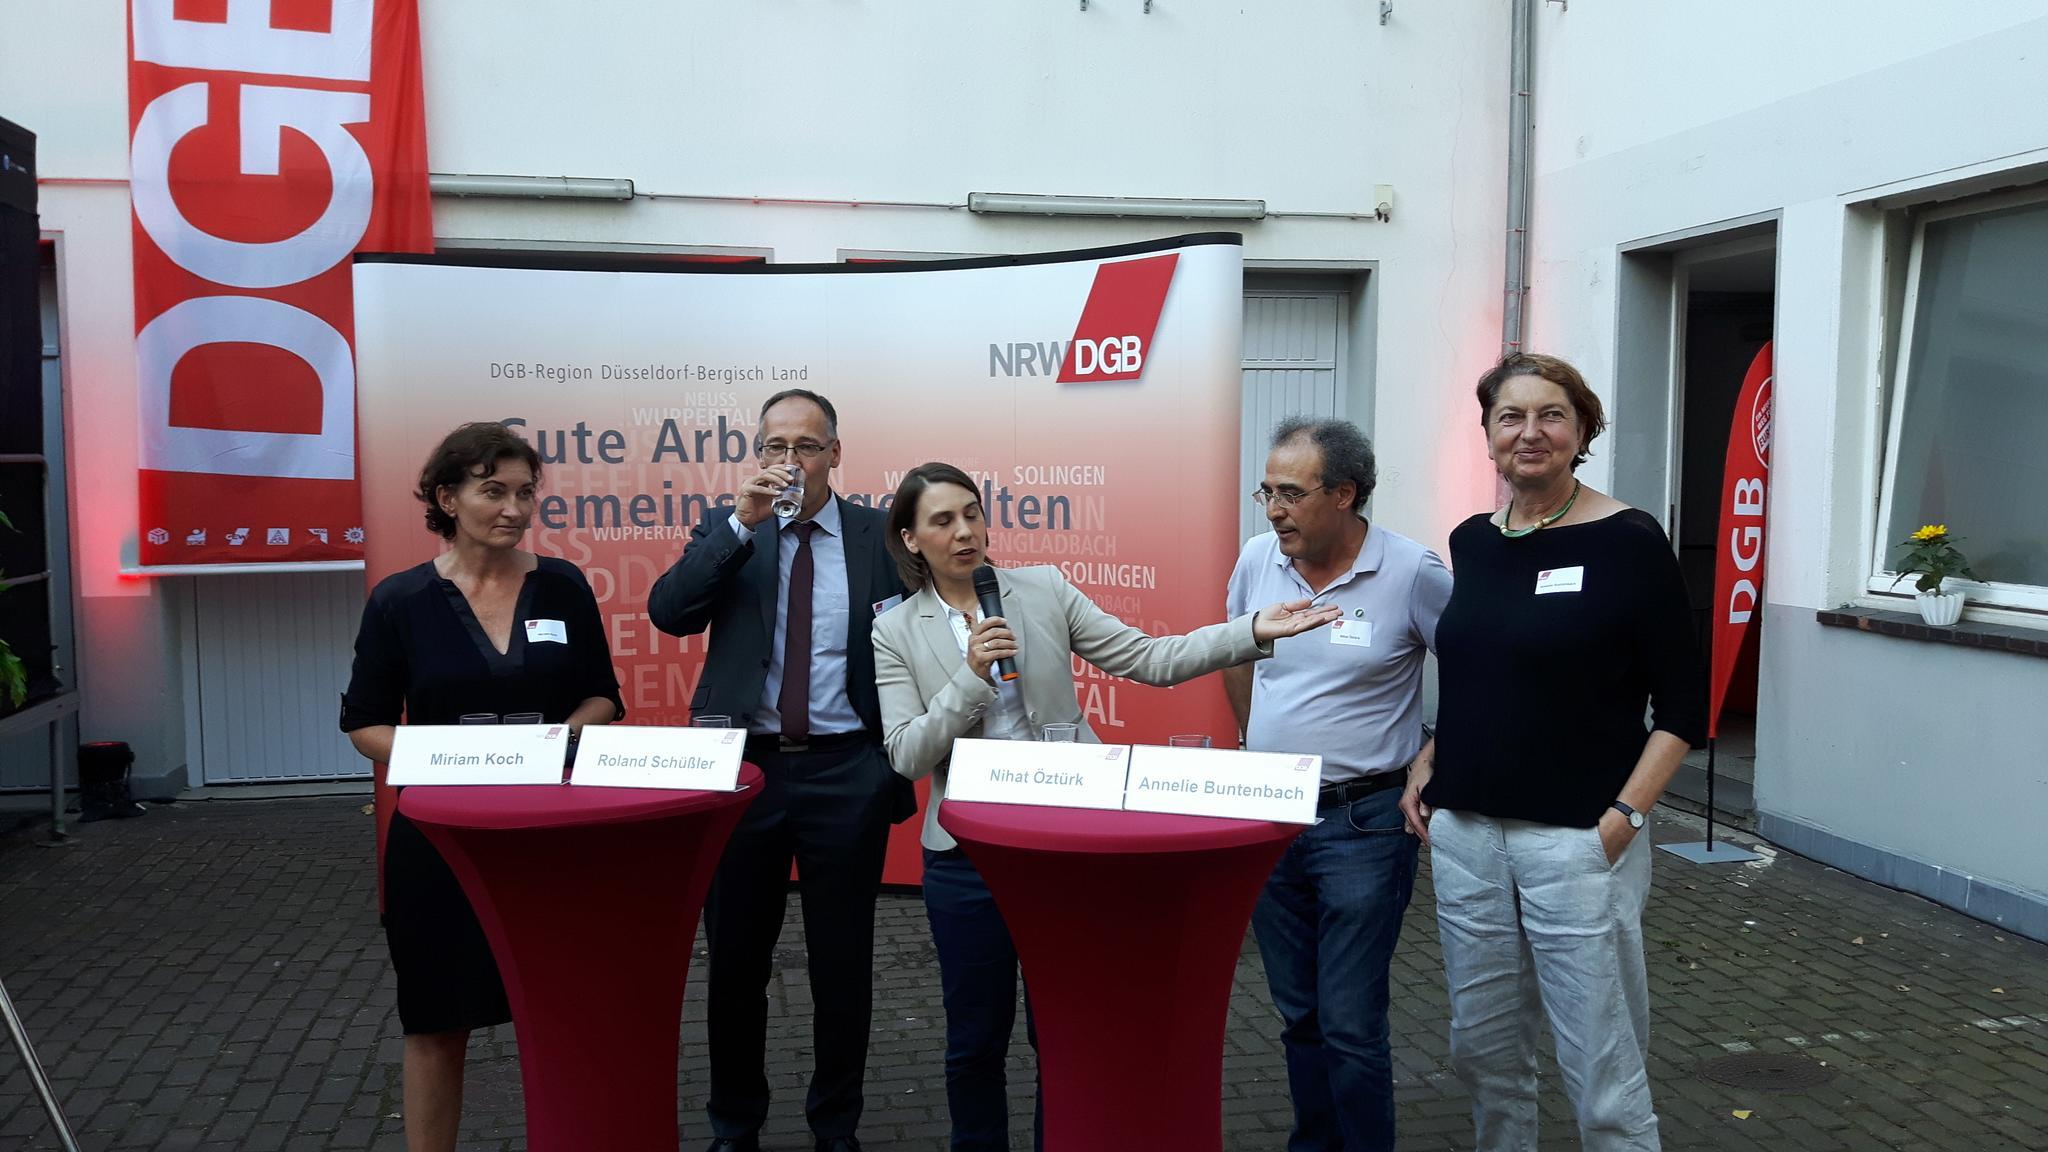 V.l.n.r. Miriam Koch, Roland Schüßler, Antonia Kühn, Nihat Öztürk, Annelie Buntenbach